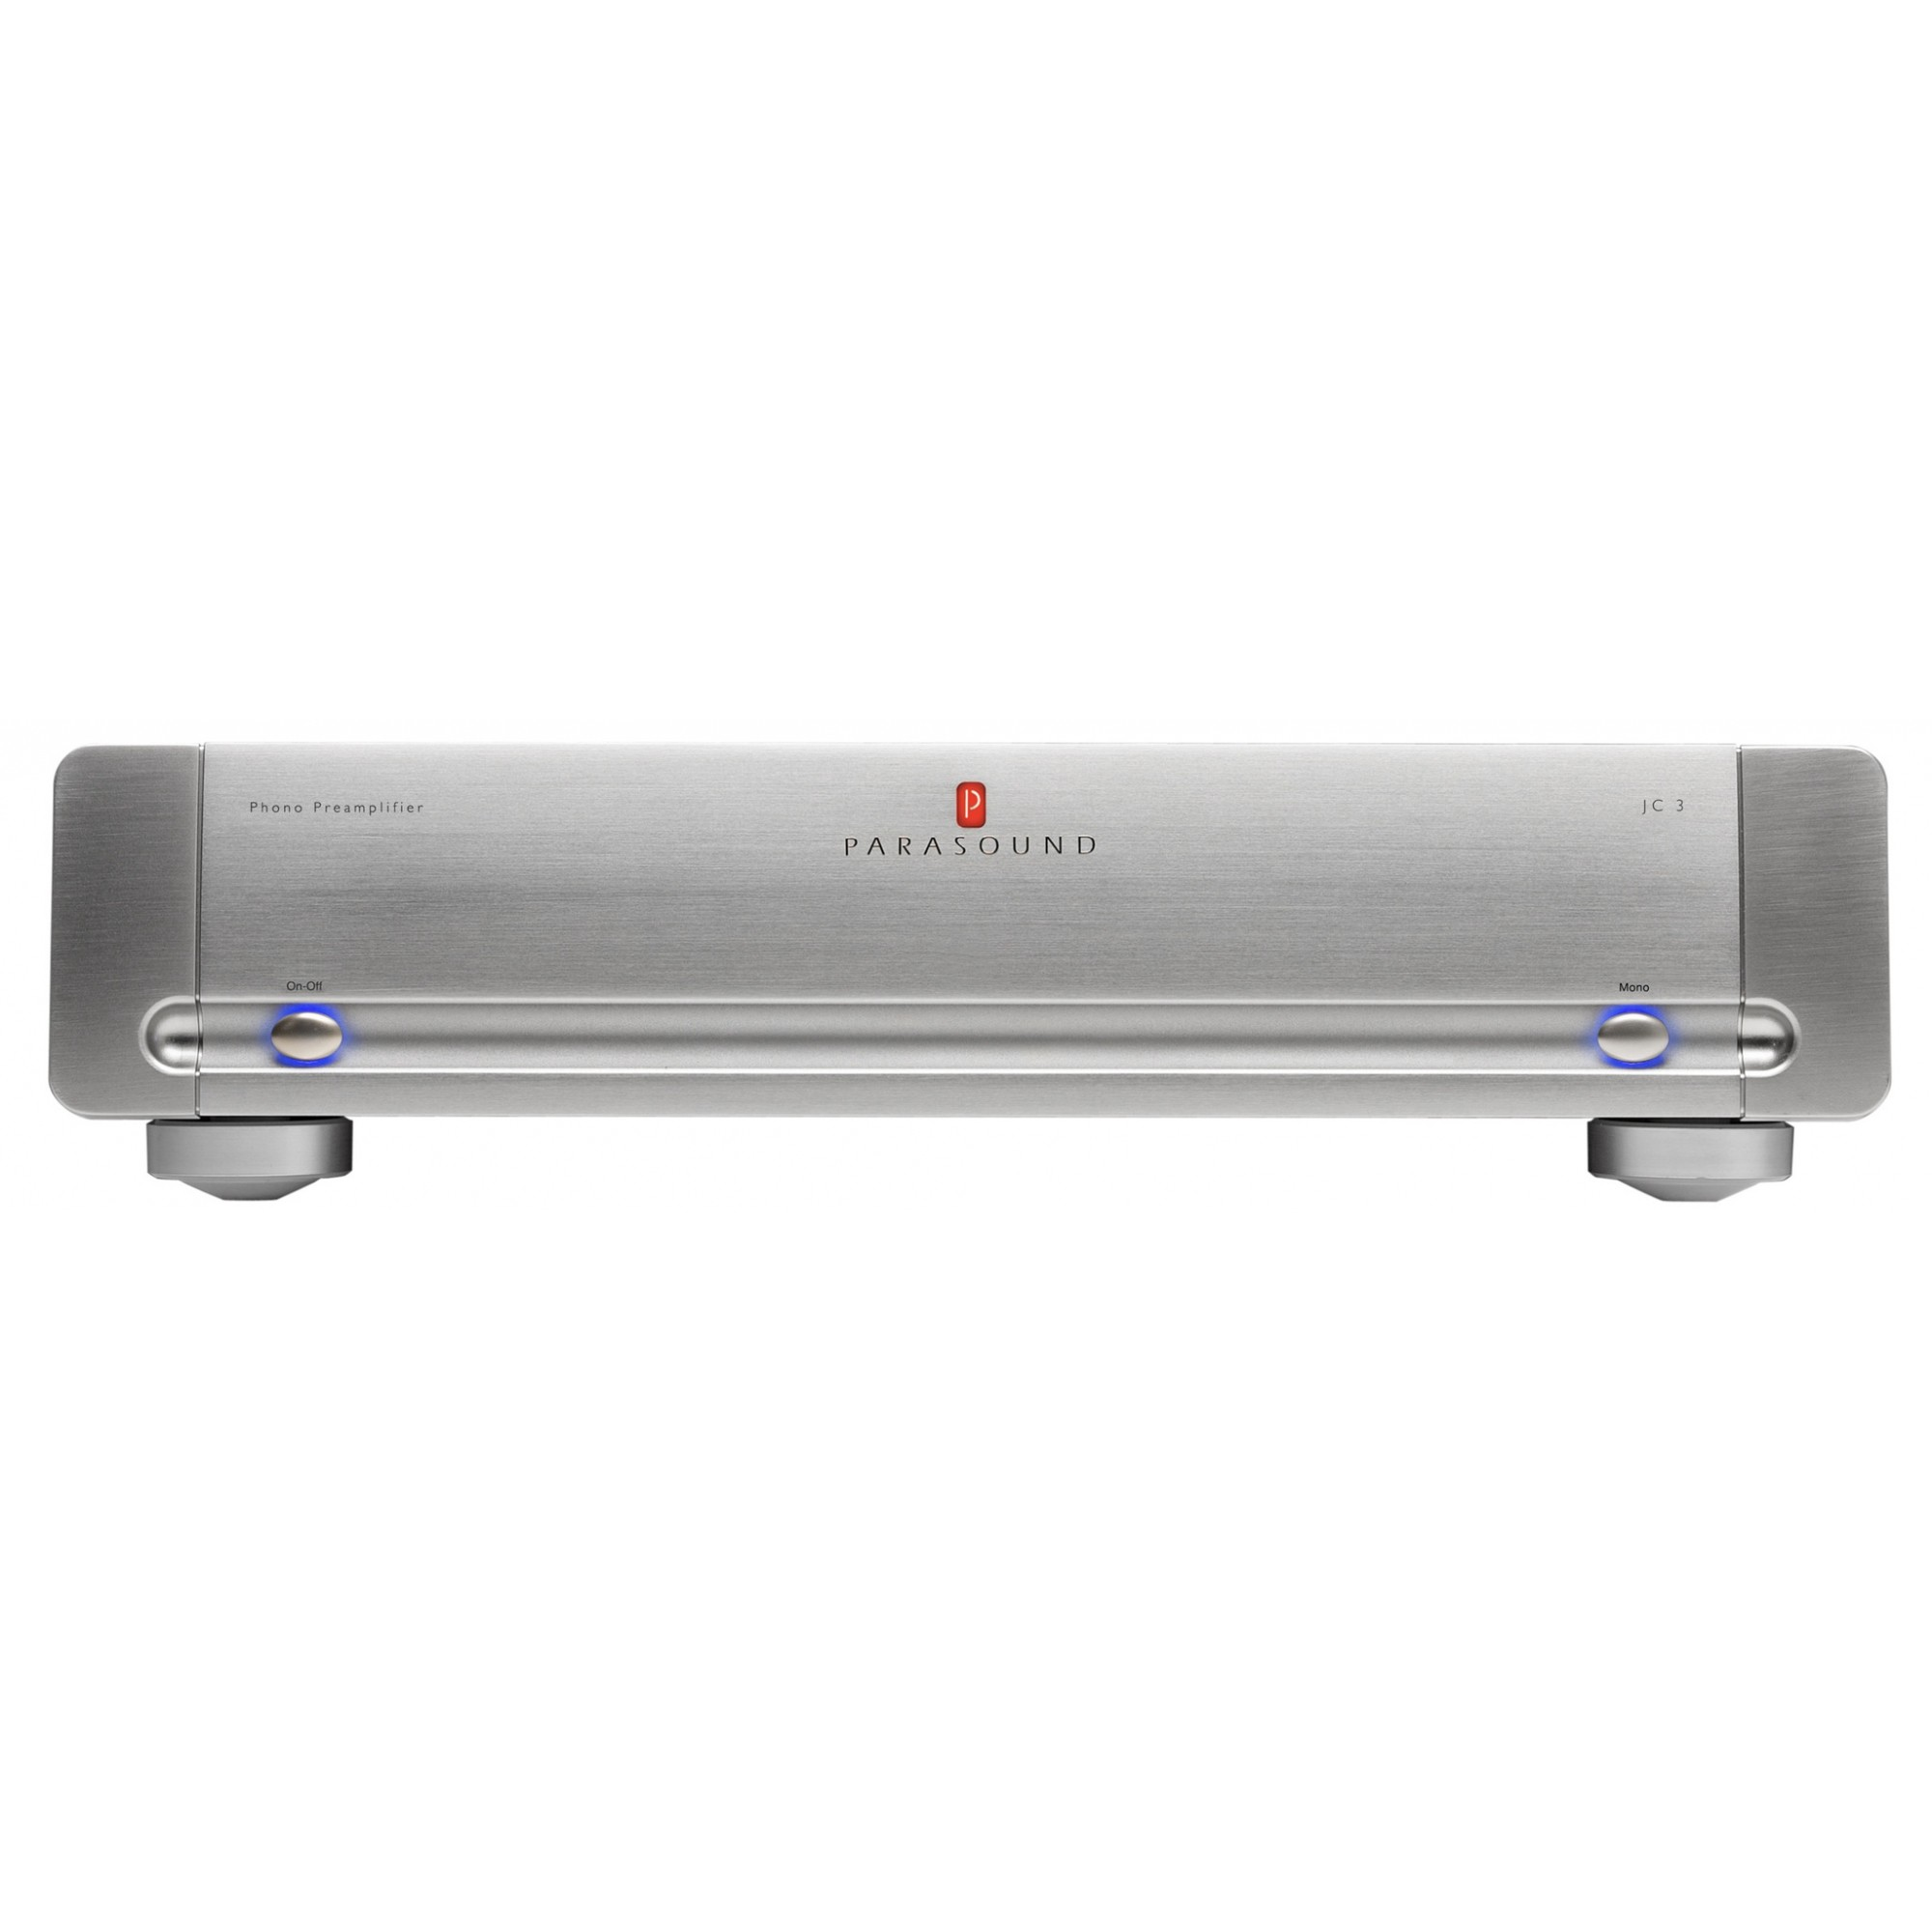 Parasound halo JC 3 Pré Amplificador Phono Silver